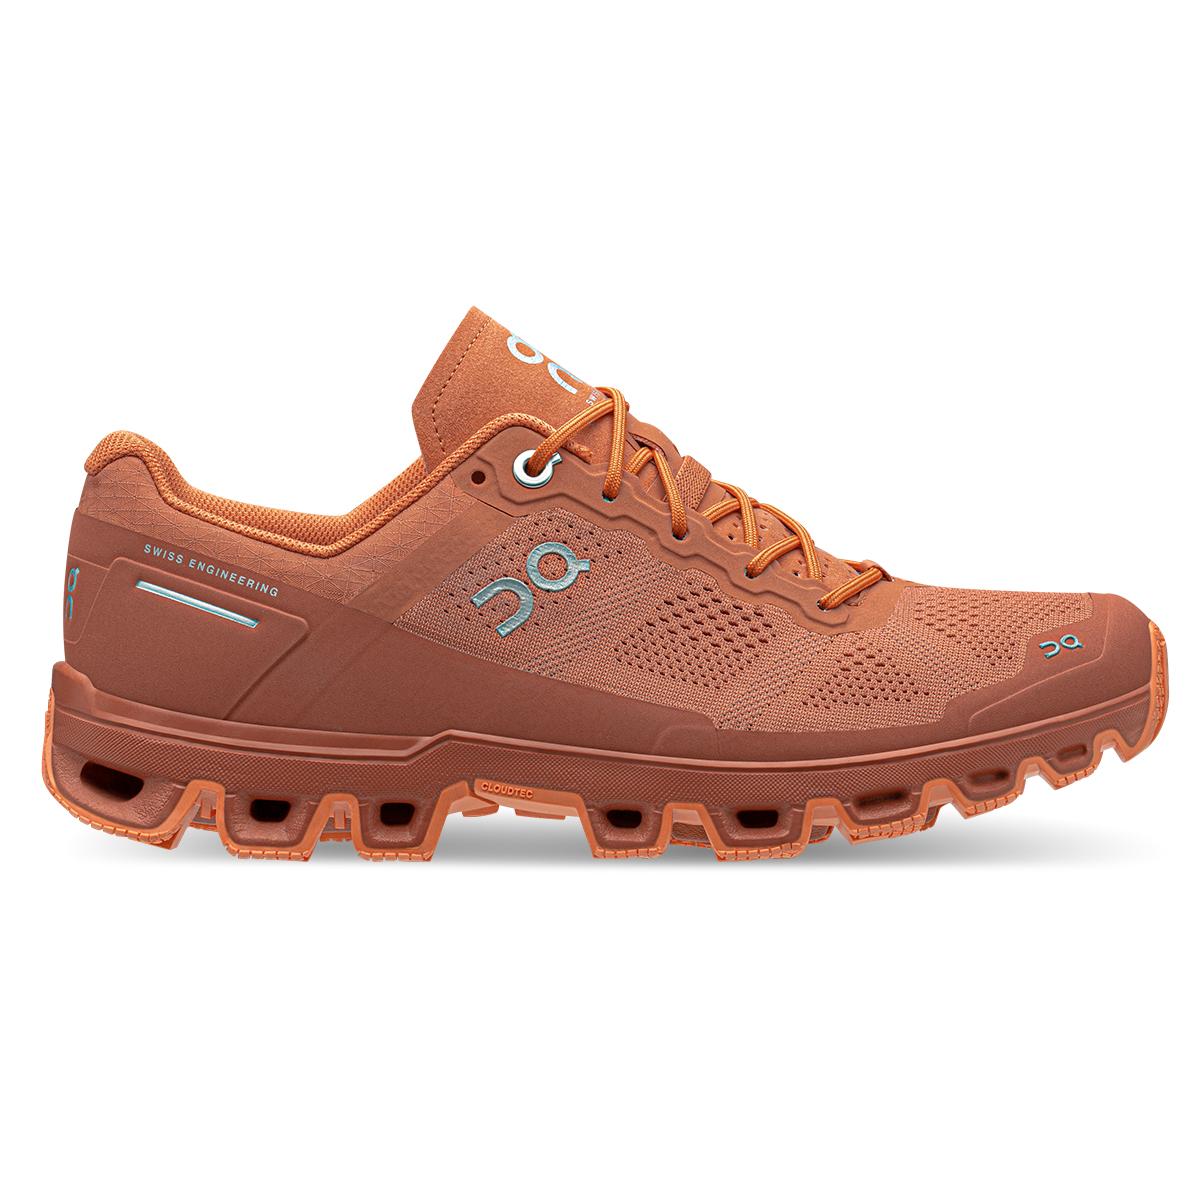 Women's On Cloudventure Trail Running Shoe - Color: Sandstone/Orang - Size: 5 - Width: Regular, Sandstone/Orang, large, image 1